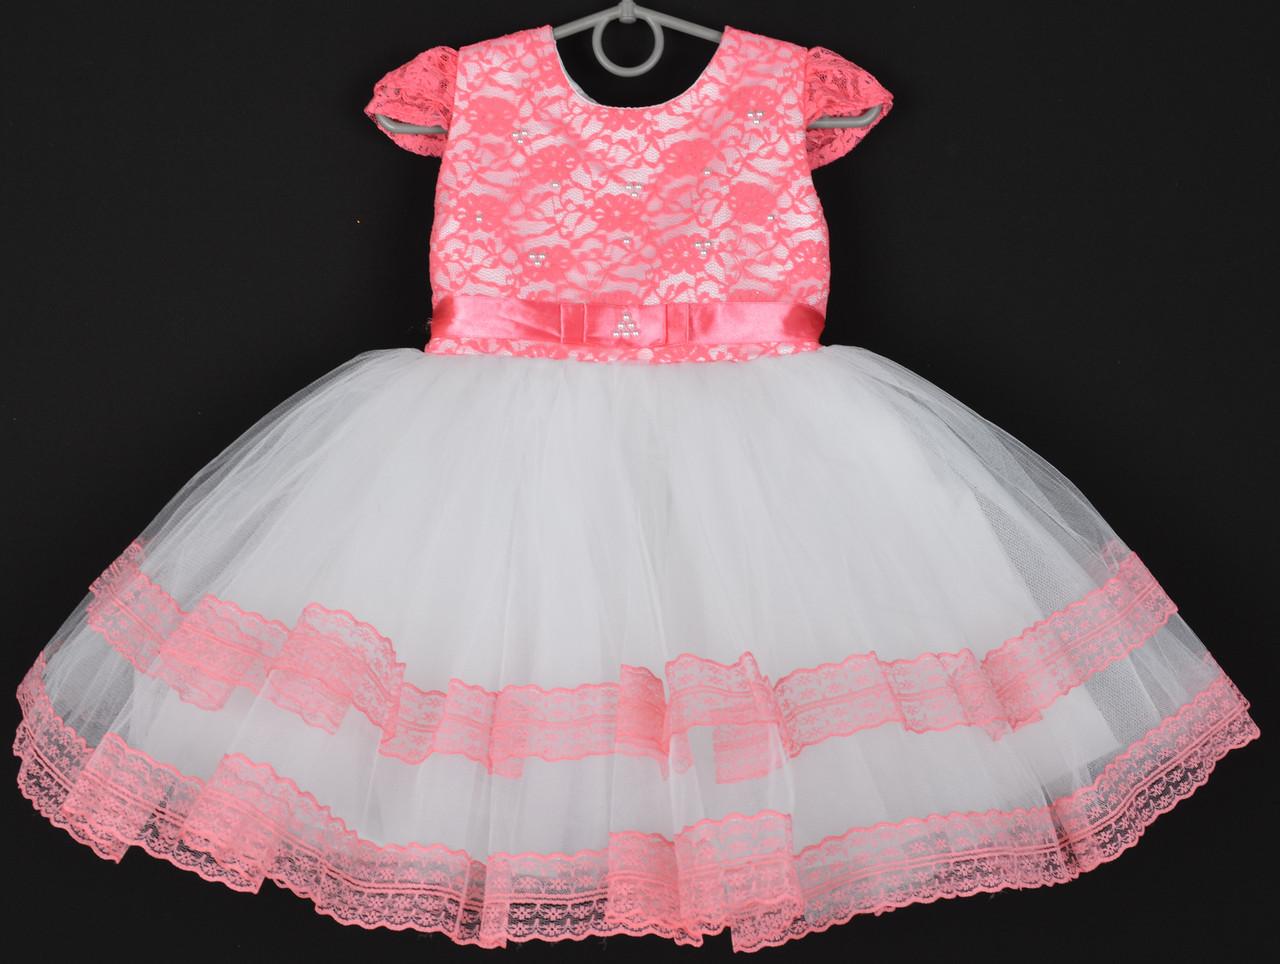 """Платье нарядное детское """"Лилия"""" с гипюром на корсете. 2-3 года. Кораллово-белое. Оптом и в розницу"""